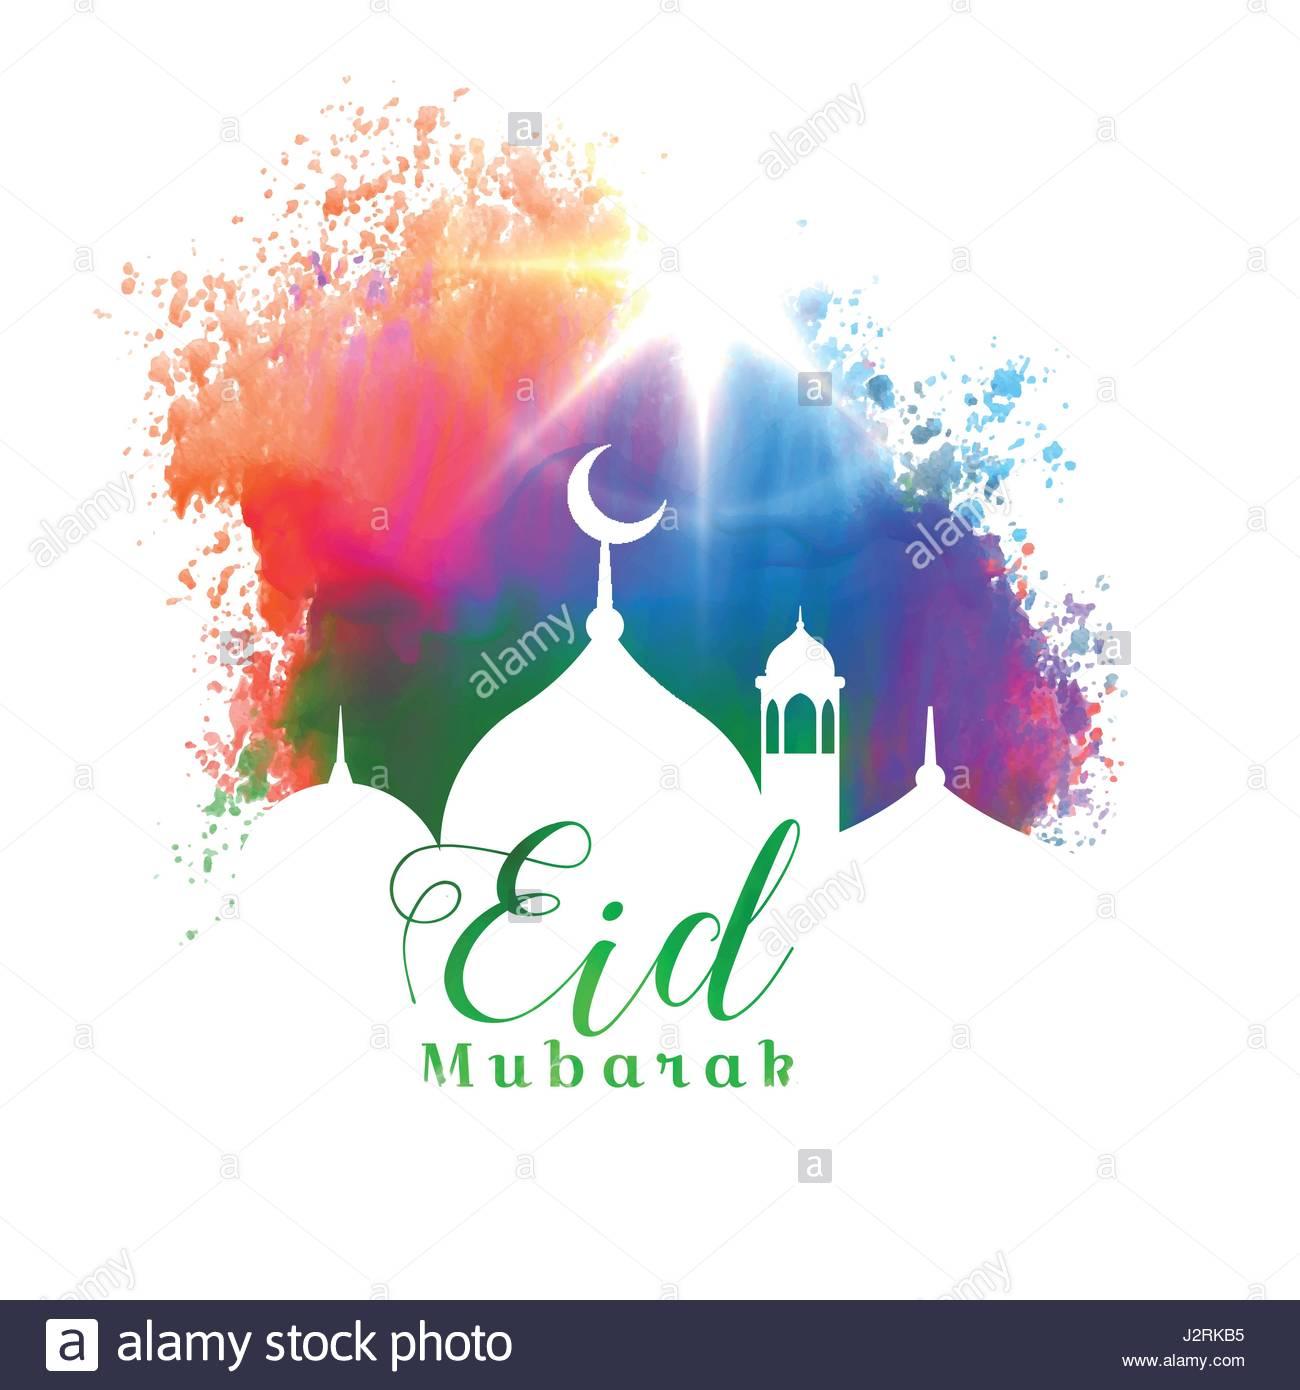 Beautiful eid mubarak islamic festival greeting card design stock beautiful eid mubarak islamic festival greeting card design m4hsunfo